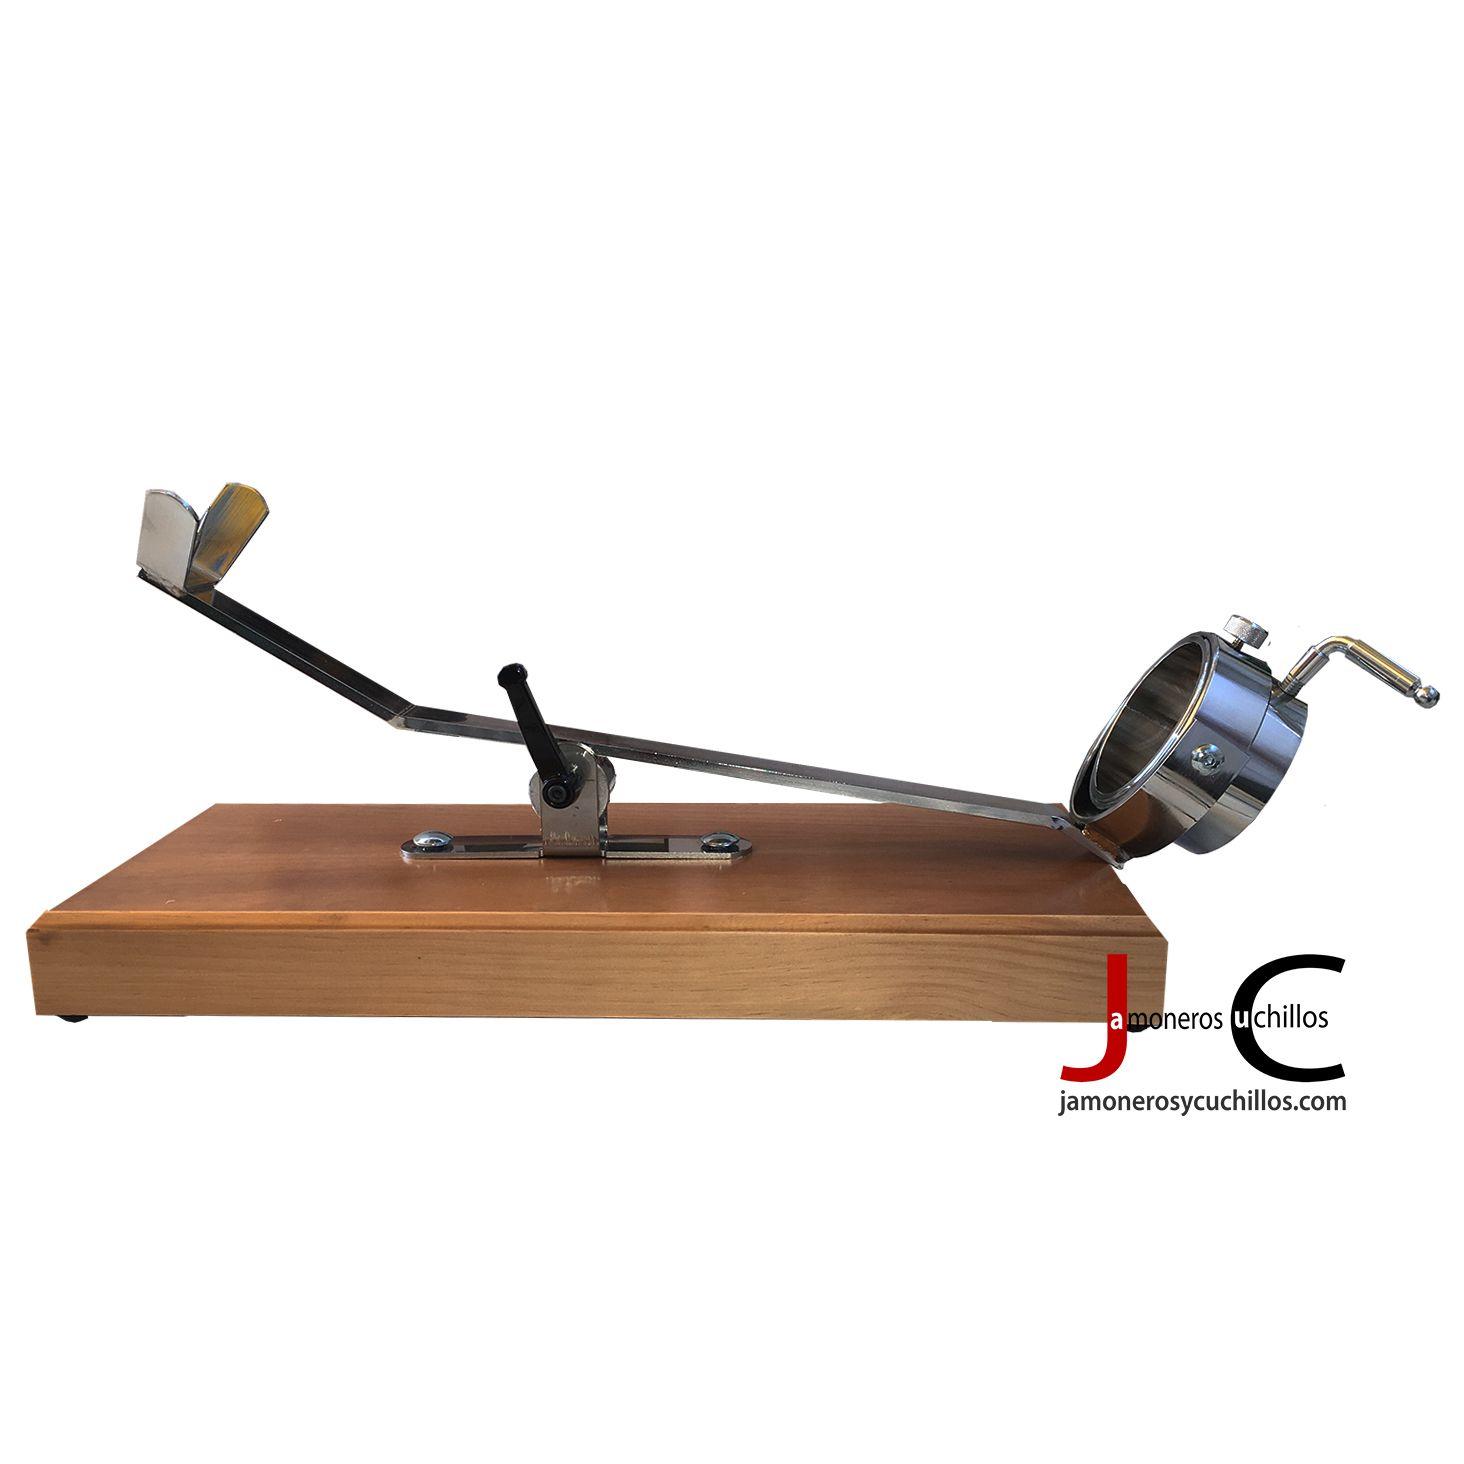 jamonero giratorio balancin madera en nogal A-9 c bello